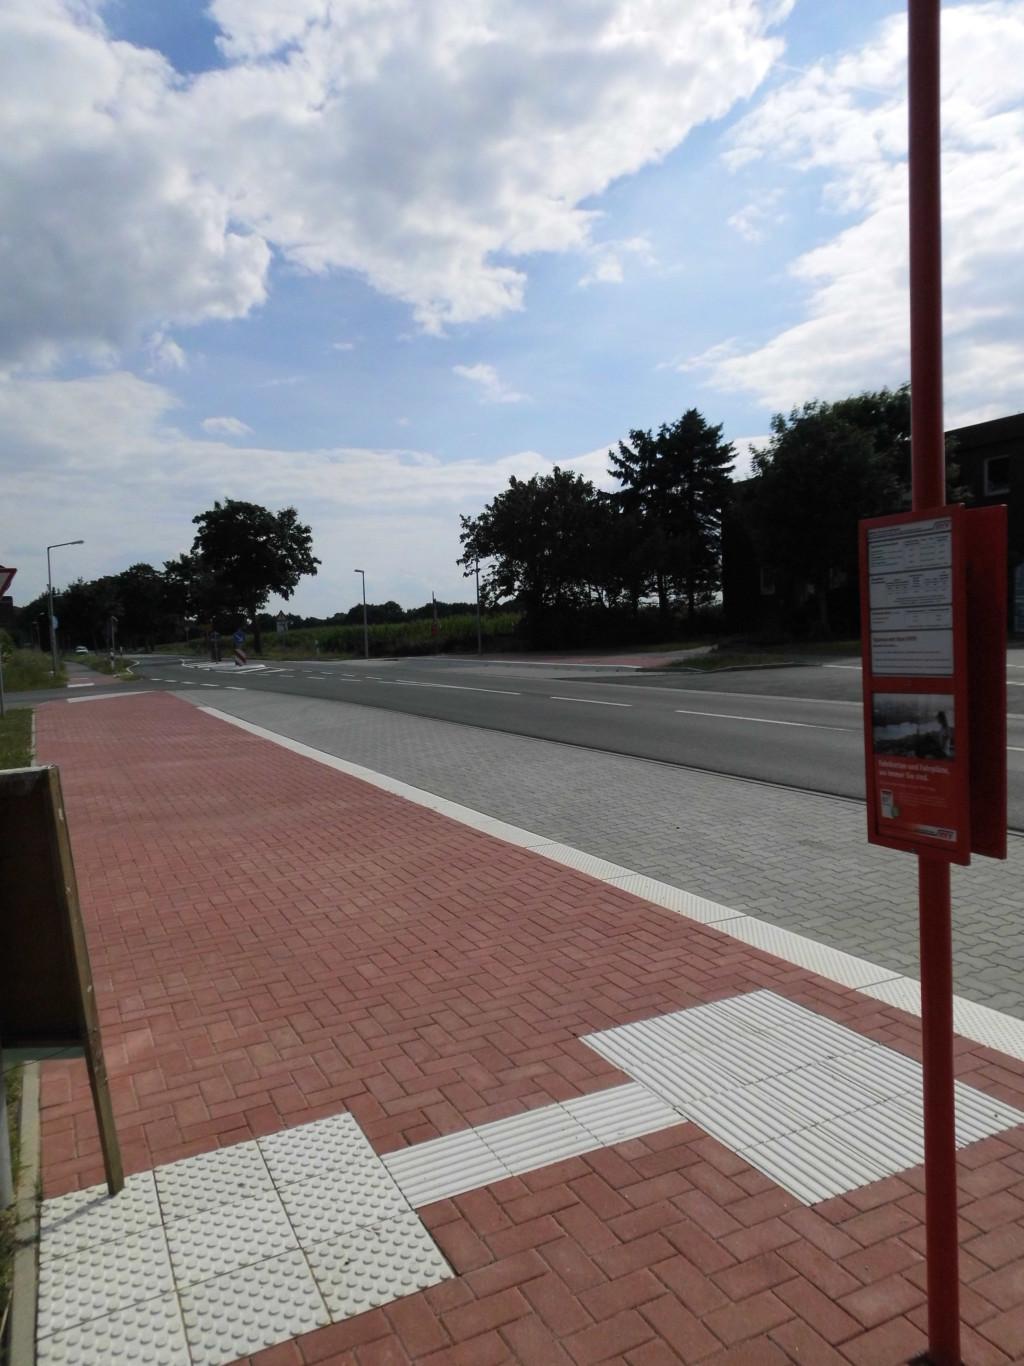 Bushaltestelle-Querungshilfe1